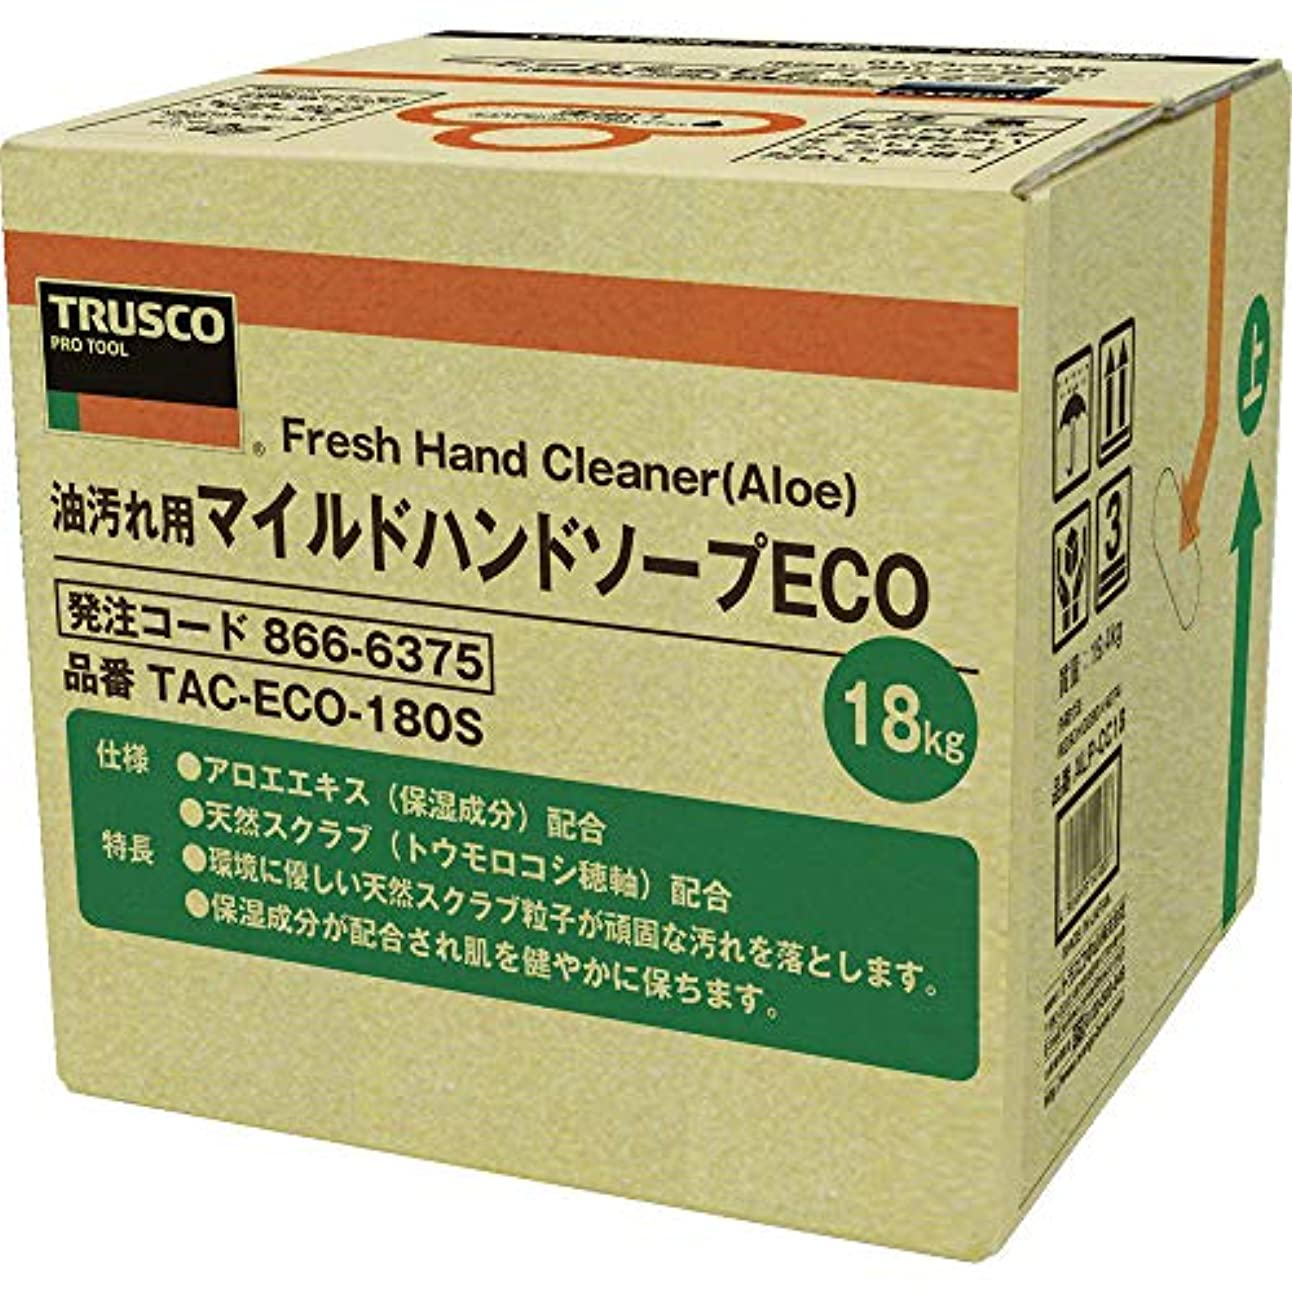 是正メモ有名なTRUSCO(トラスコ) マイルドハンドソープ ECO 18L 詰替 バッグインボックス TACECO180S